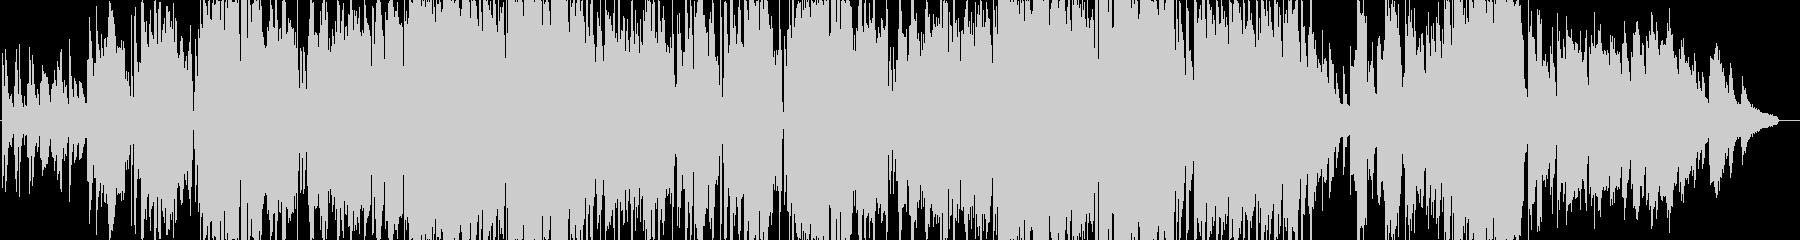 ピアノの旋律が印象的なミドルバラードの未再生の波形